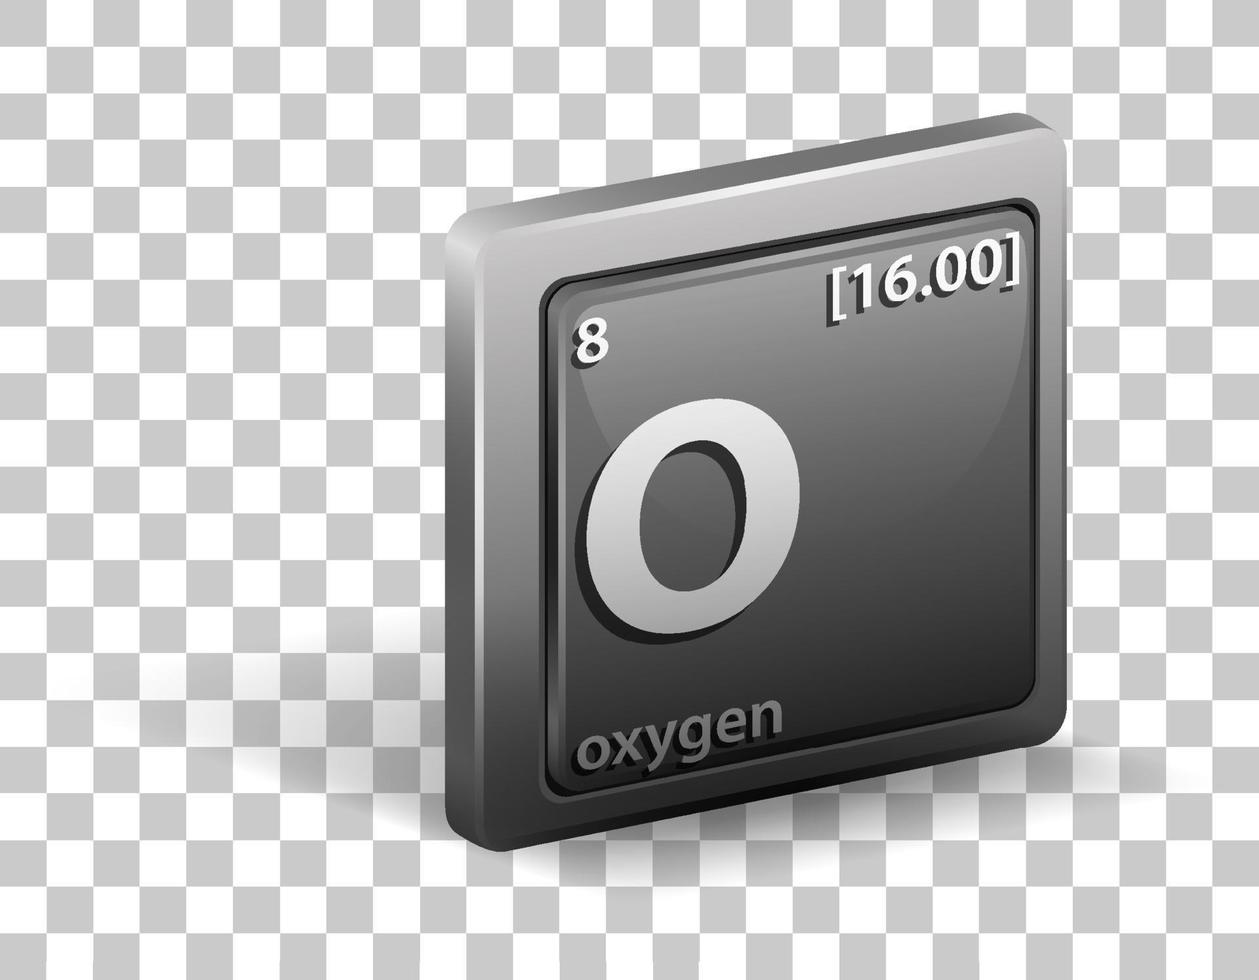 Oxegen chemisches Element vektor